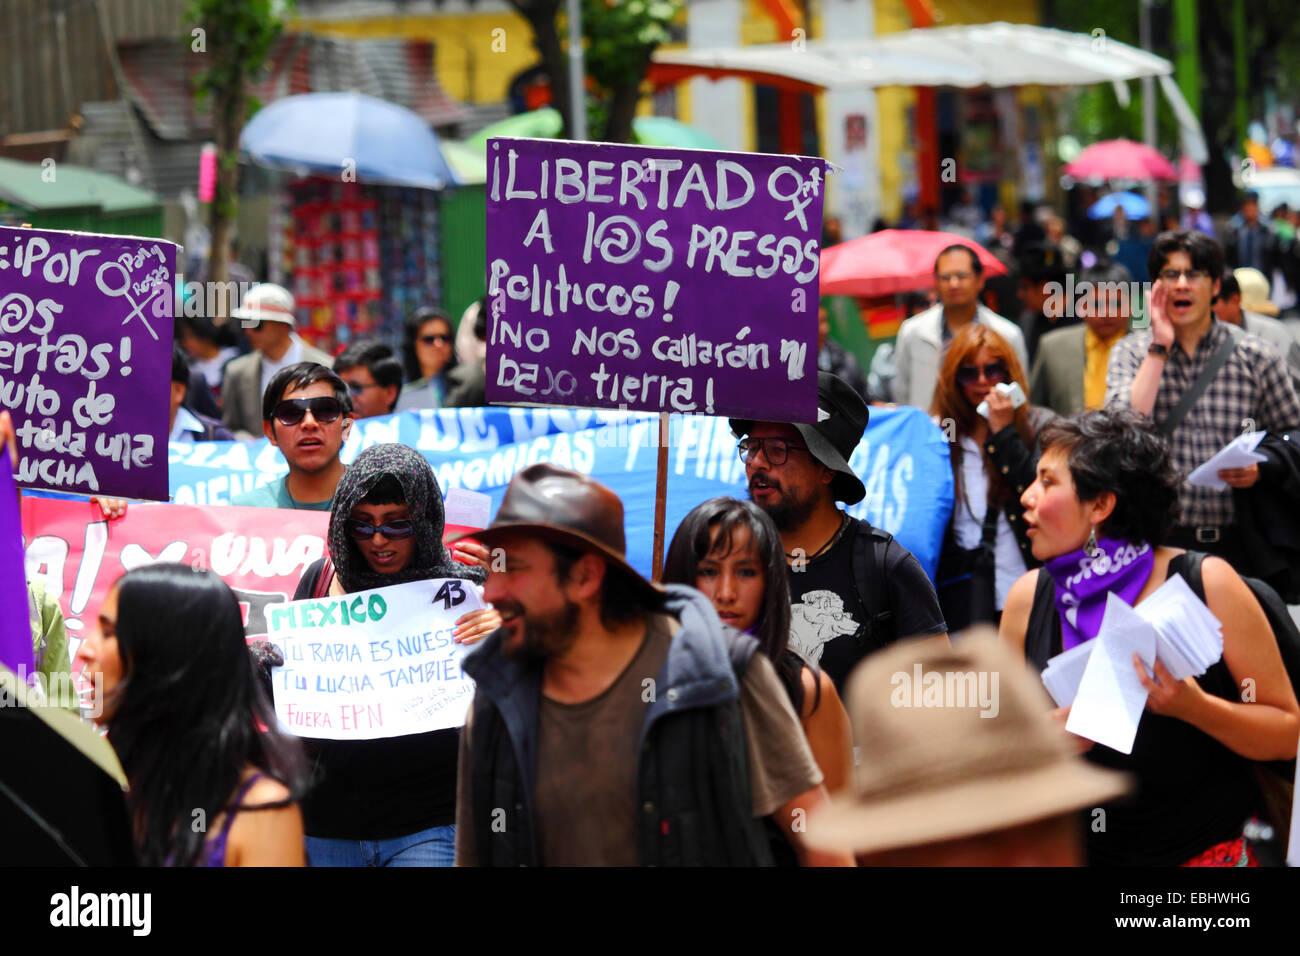 Manifestanti marzo a chiedere giustizia per i 43 studenti mancanti in Messico e la liberazione dei prigionieri politici, La Paz, Bolivia Foto Stock